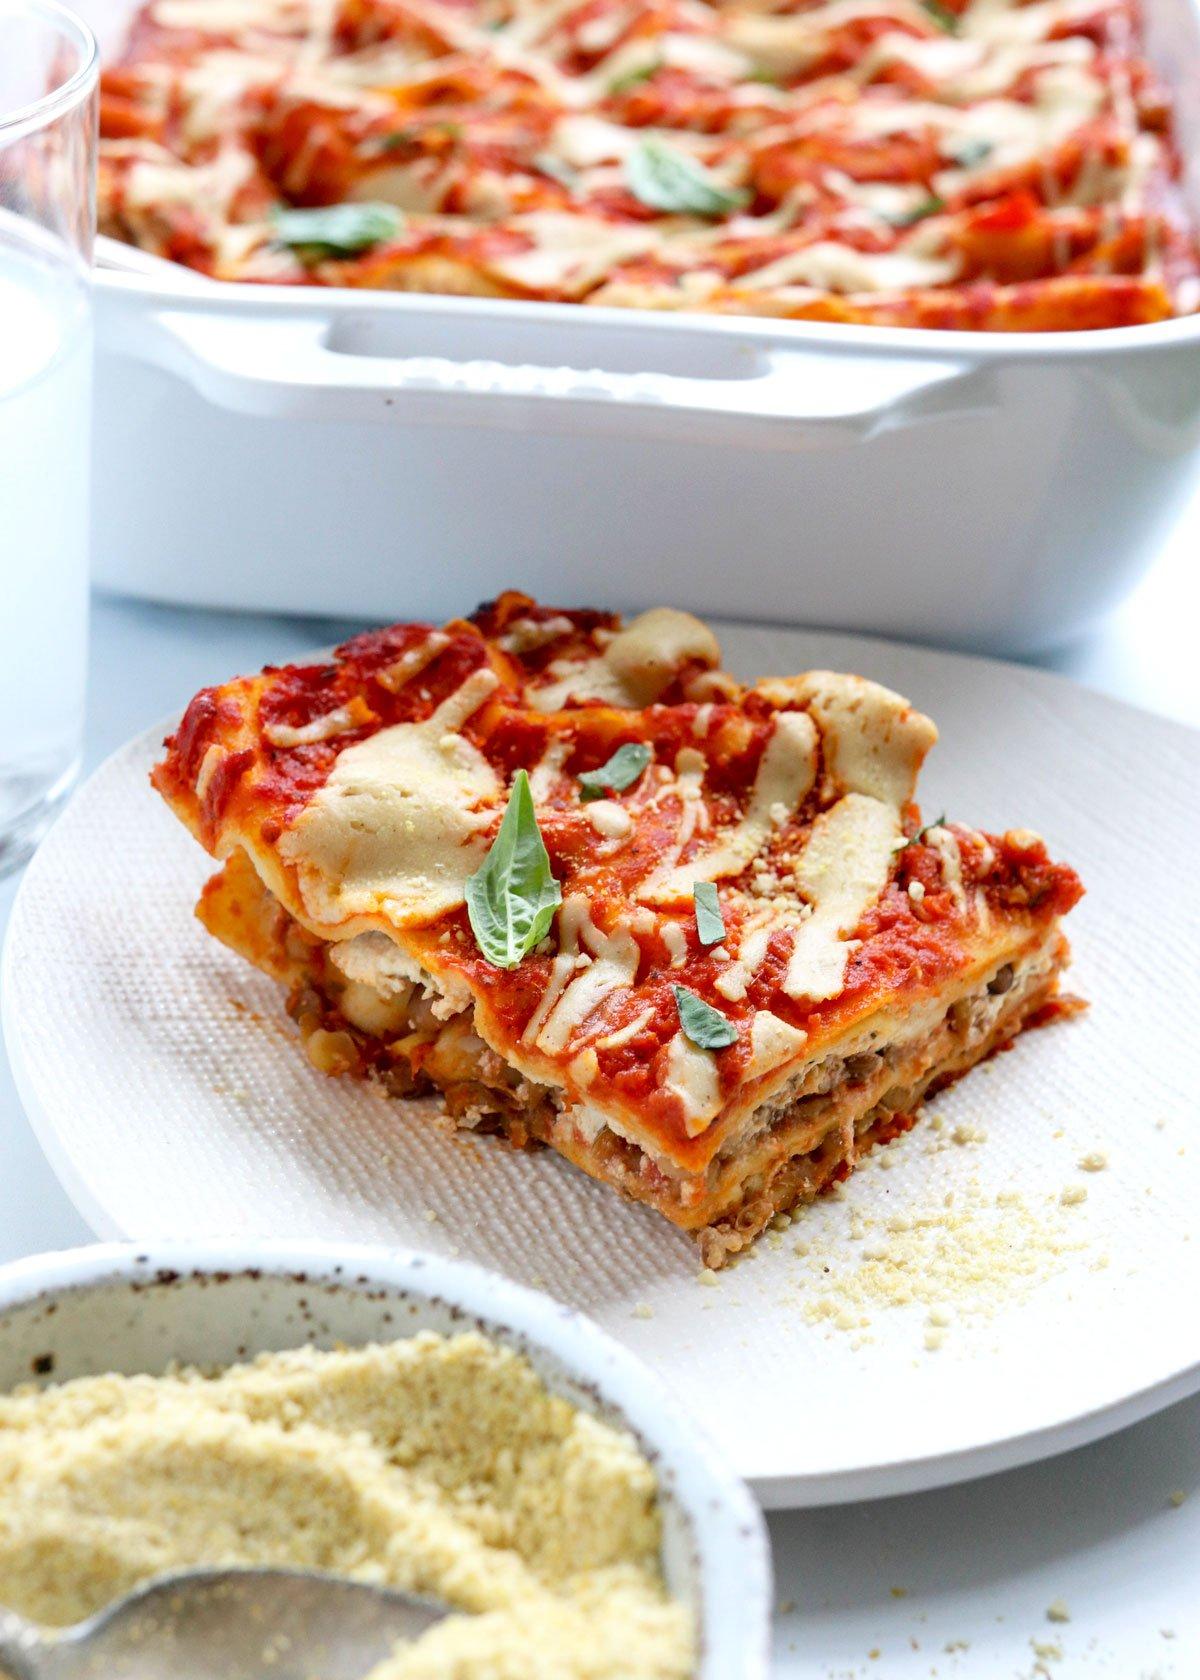 vegan lasagna slice on plate